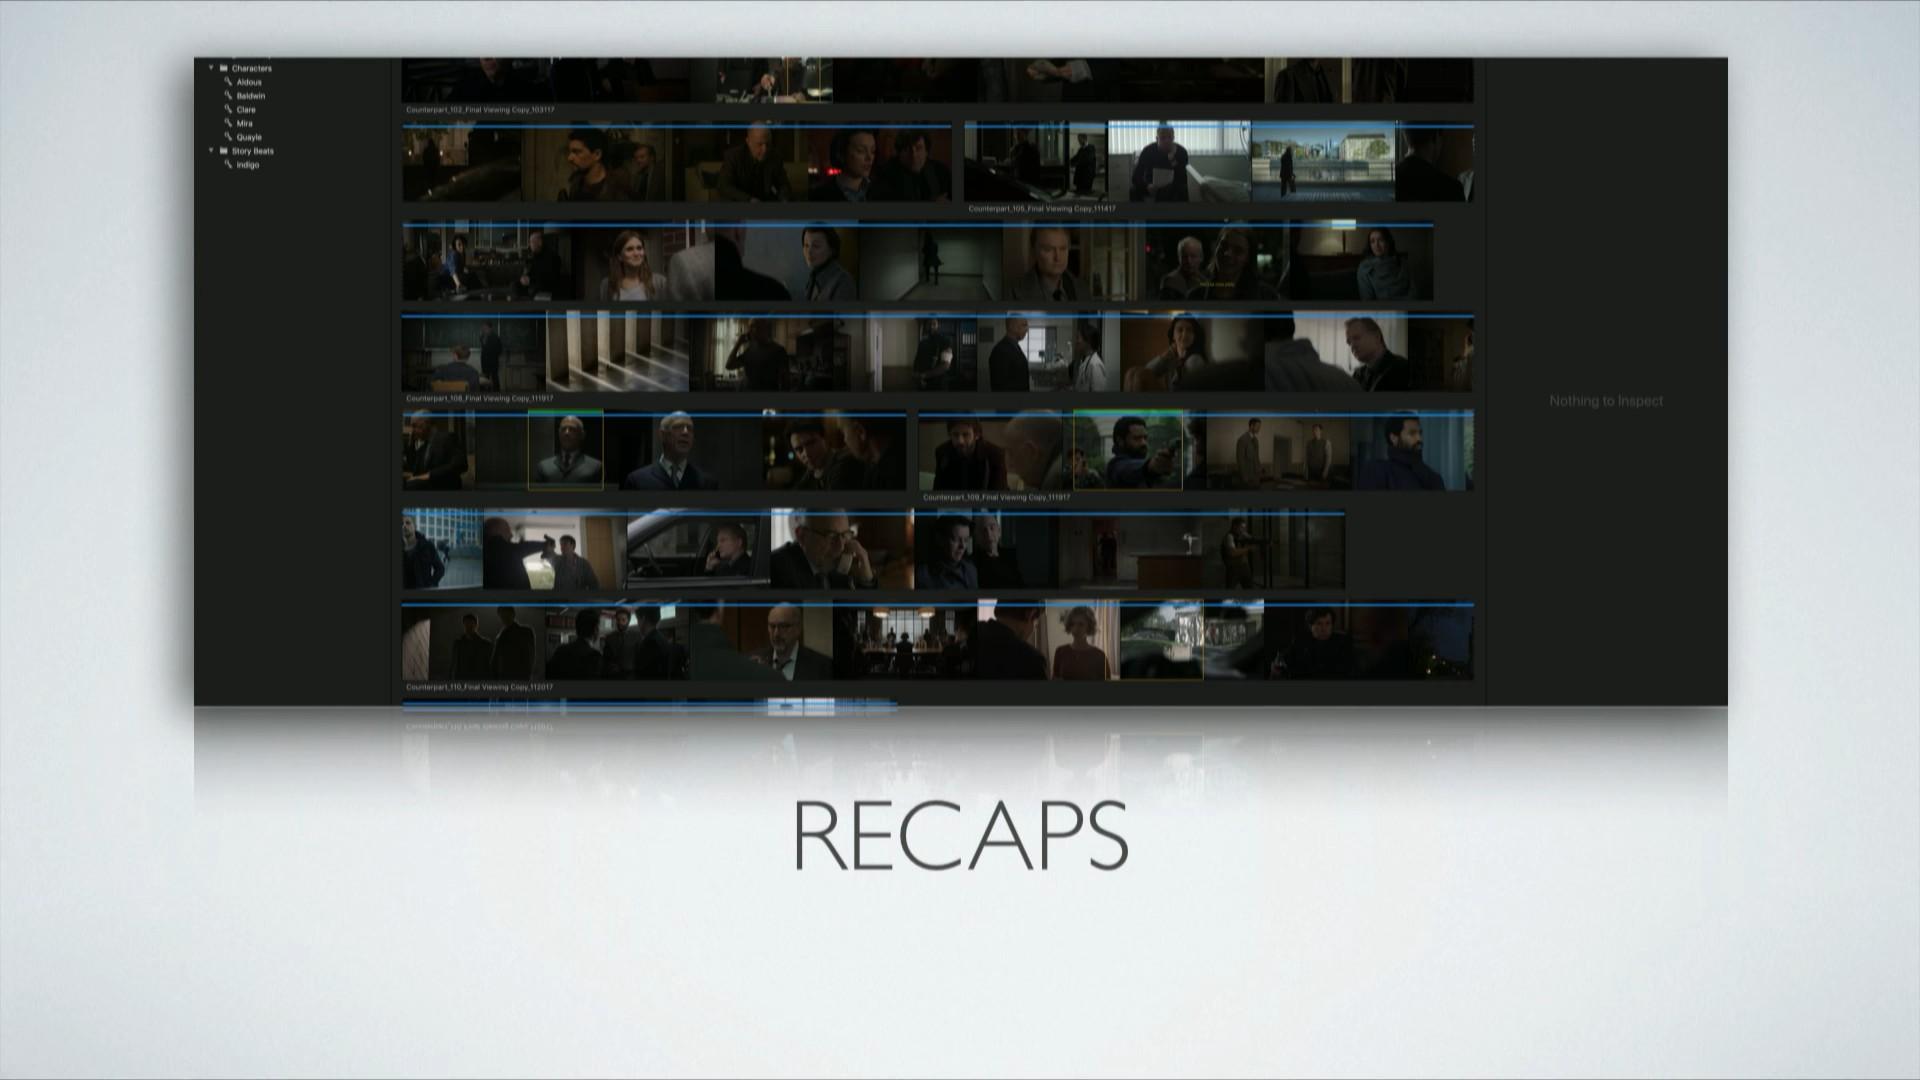 Final Cut Pro X recaps screenshot